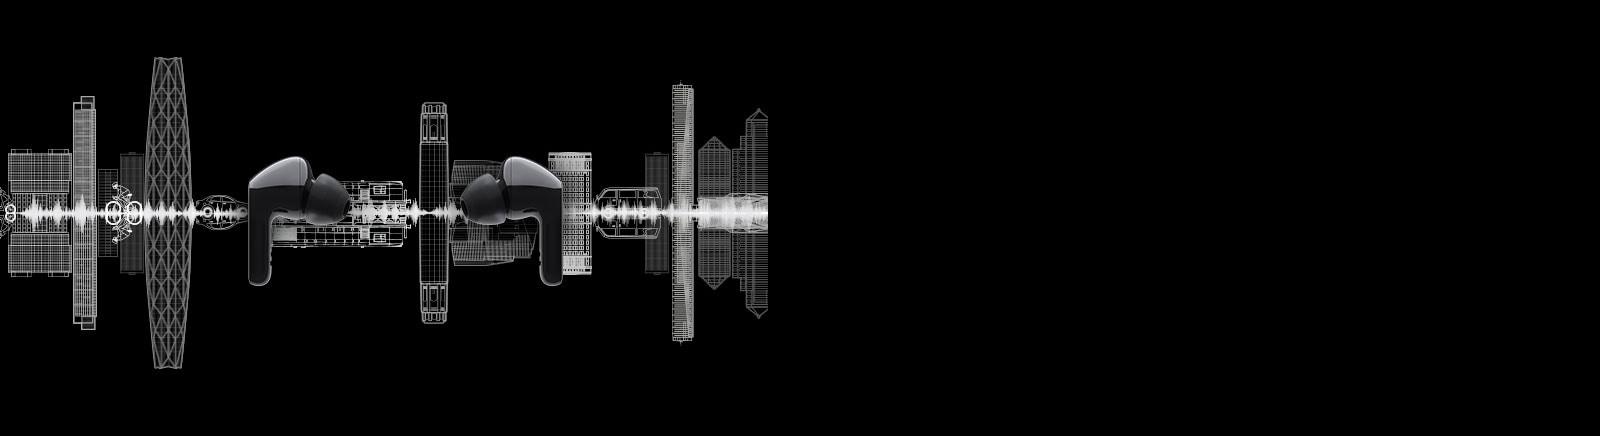 En el fondo se ilustra una imagen de dos audífonos uno frente al otro y una silueta de un paisaje urbano.